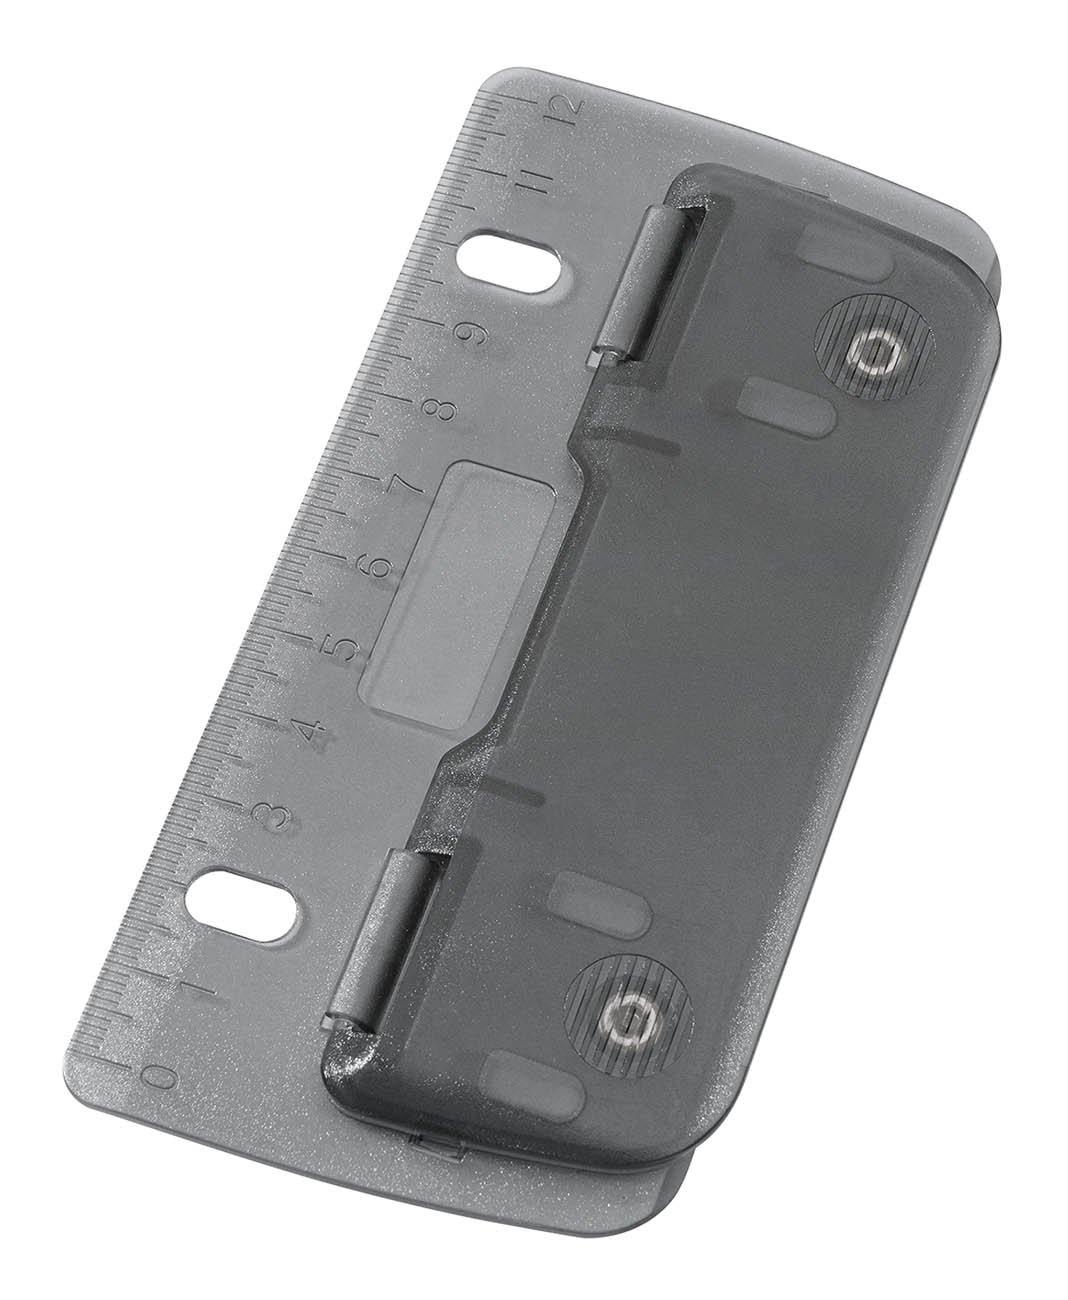 Wedo 067812 Perforatore Tascabile, 8 cm, Grigio